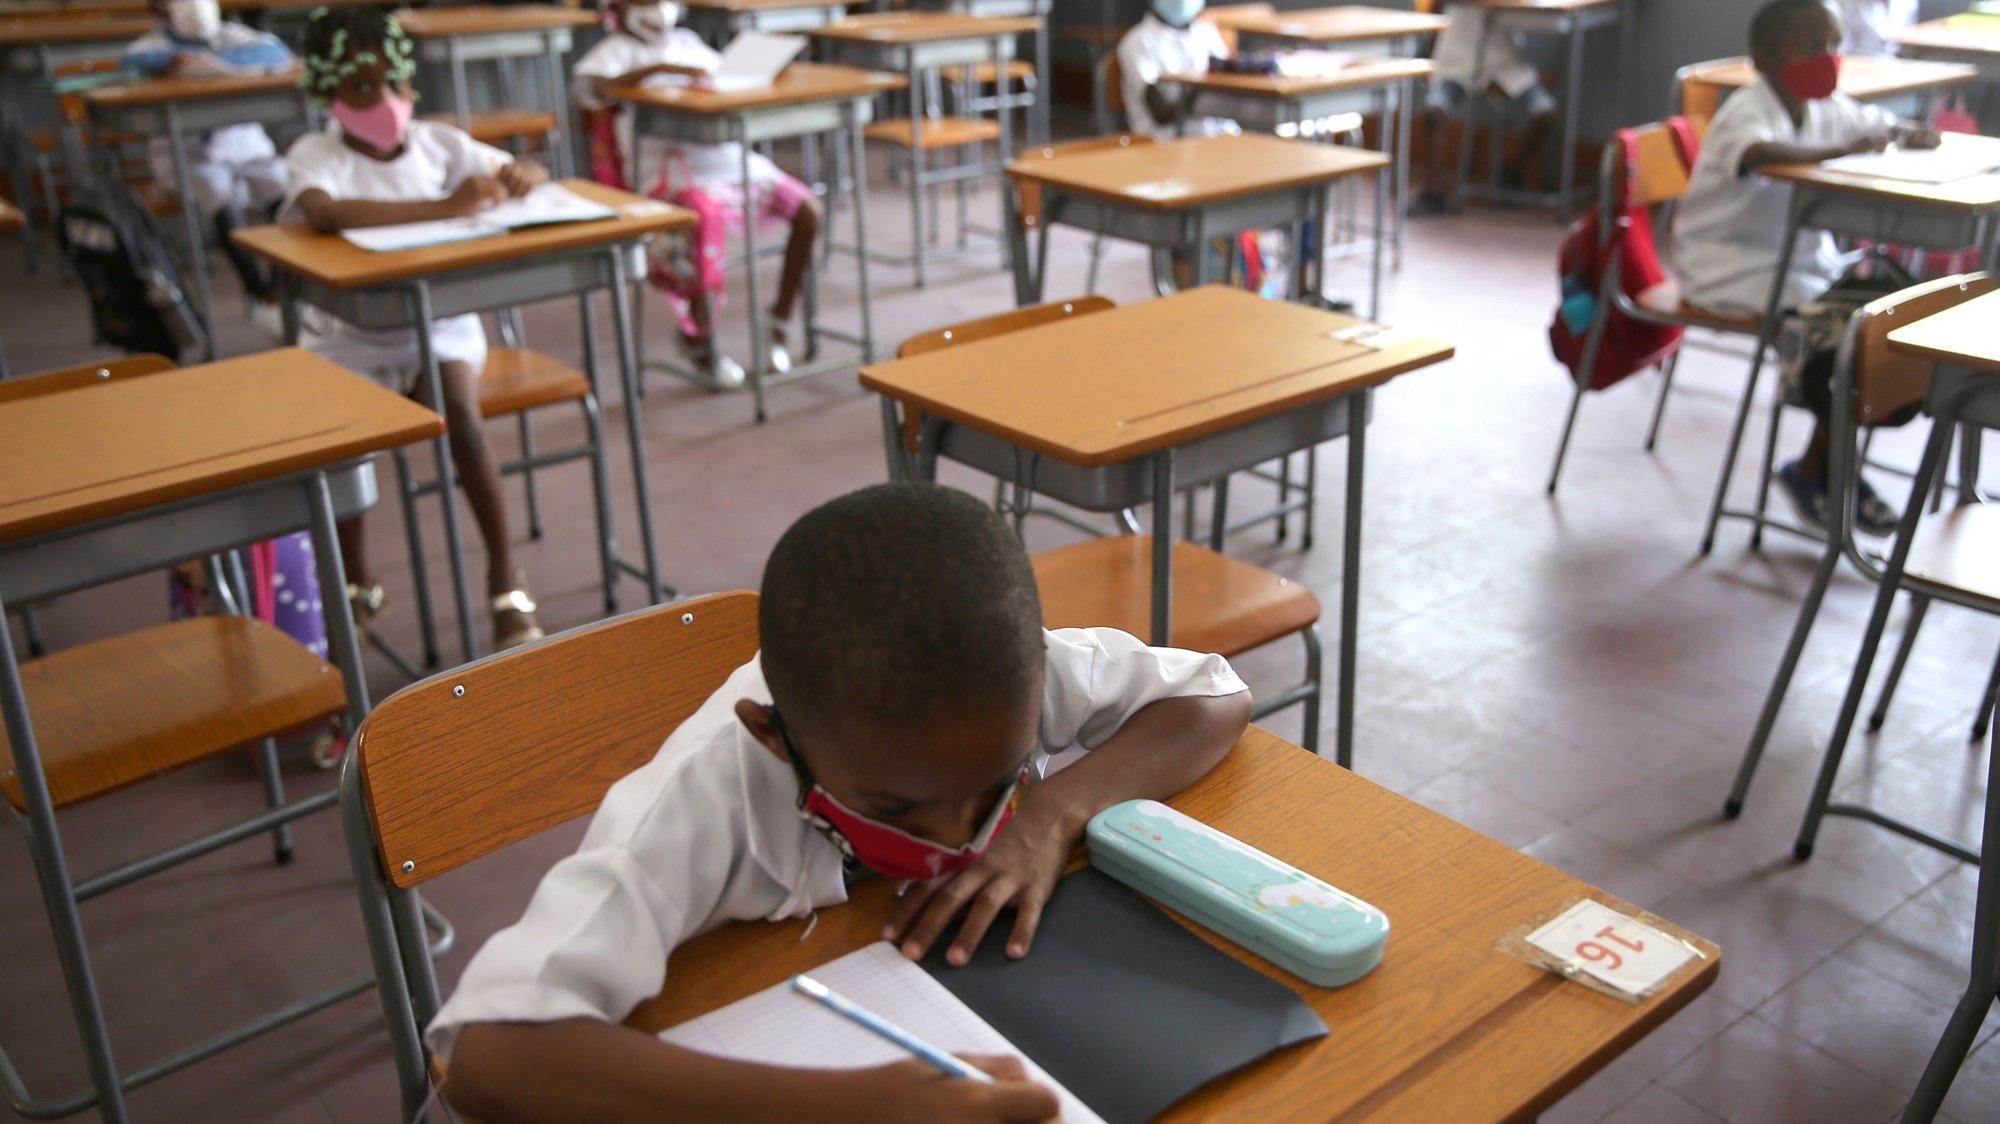 Alunos numa sala de aula da escola 1206, no município da Ingombota, no centro de Luanda, no dia do regresso às aulas presenciais, depois do levantamento das restrições pelo Governo, no âmbito do alívio das medidas de restrição para conter a pandemia da covid-19, Angola, 10 de fevereiro de 2021. Alunos do ensino primário em Angola regressaram hoje às escolas, quase um ano depois de as aulas presenciais terem sido suspensas devido à covid-19, com alguns pais ainda receosos e outros confiantes no cumprimento das medidas de segurança. (ACOMPANHA TEXTO DA LUSA). AMPE ROGÉRIO/LUSA